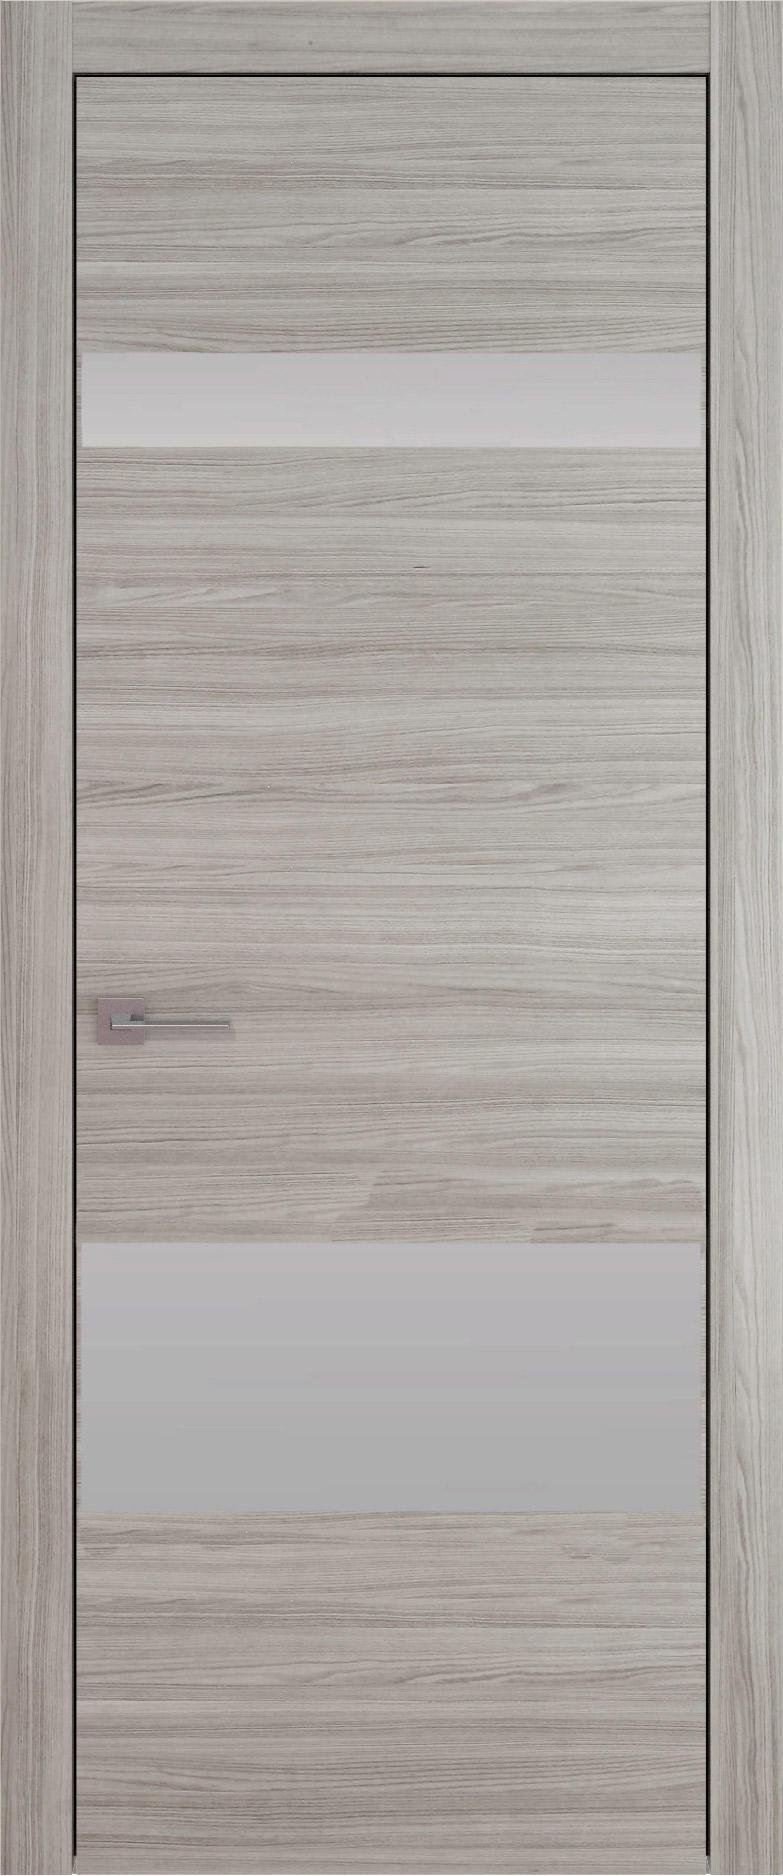 Tivoli К-4 цвет - Орех пепельный Без стекла (ДГ)